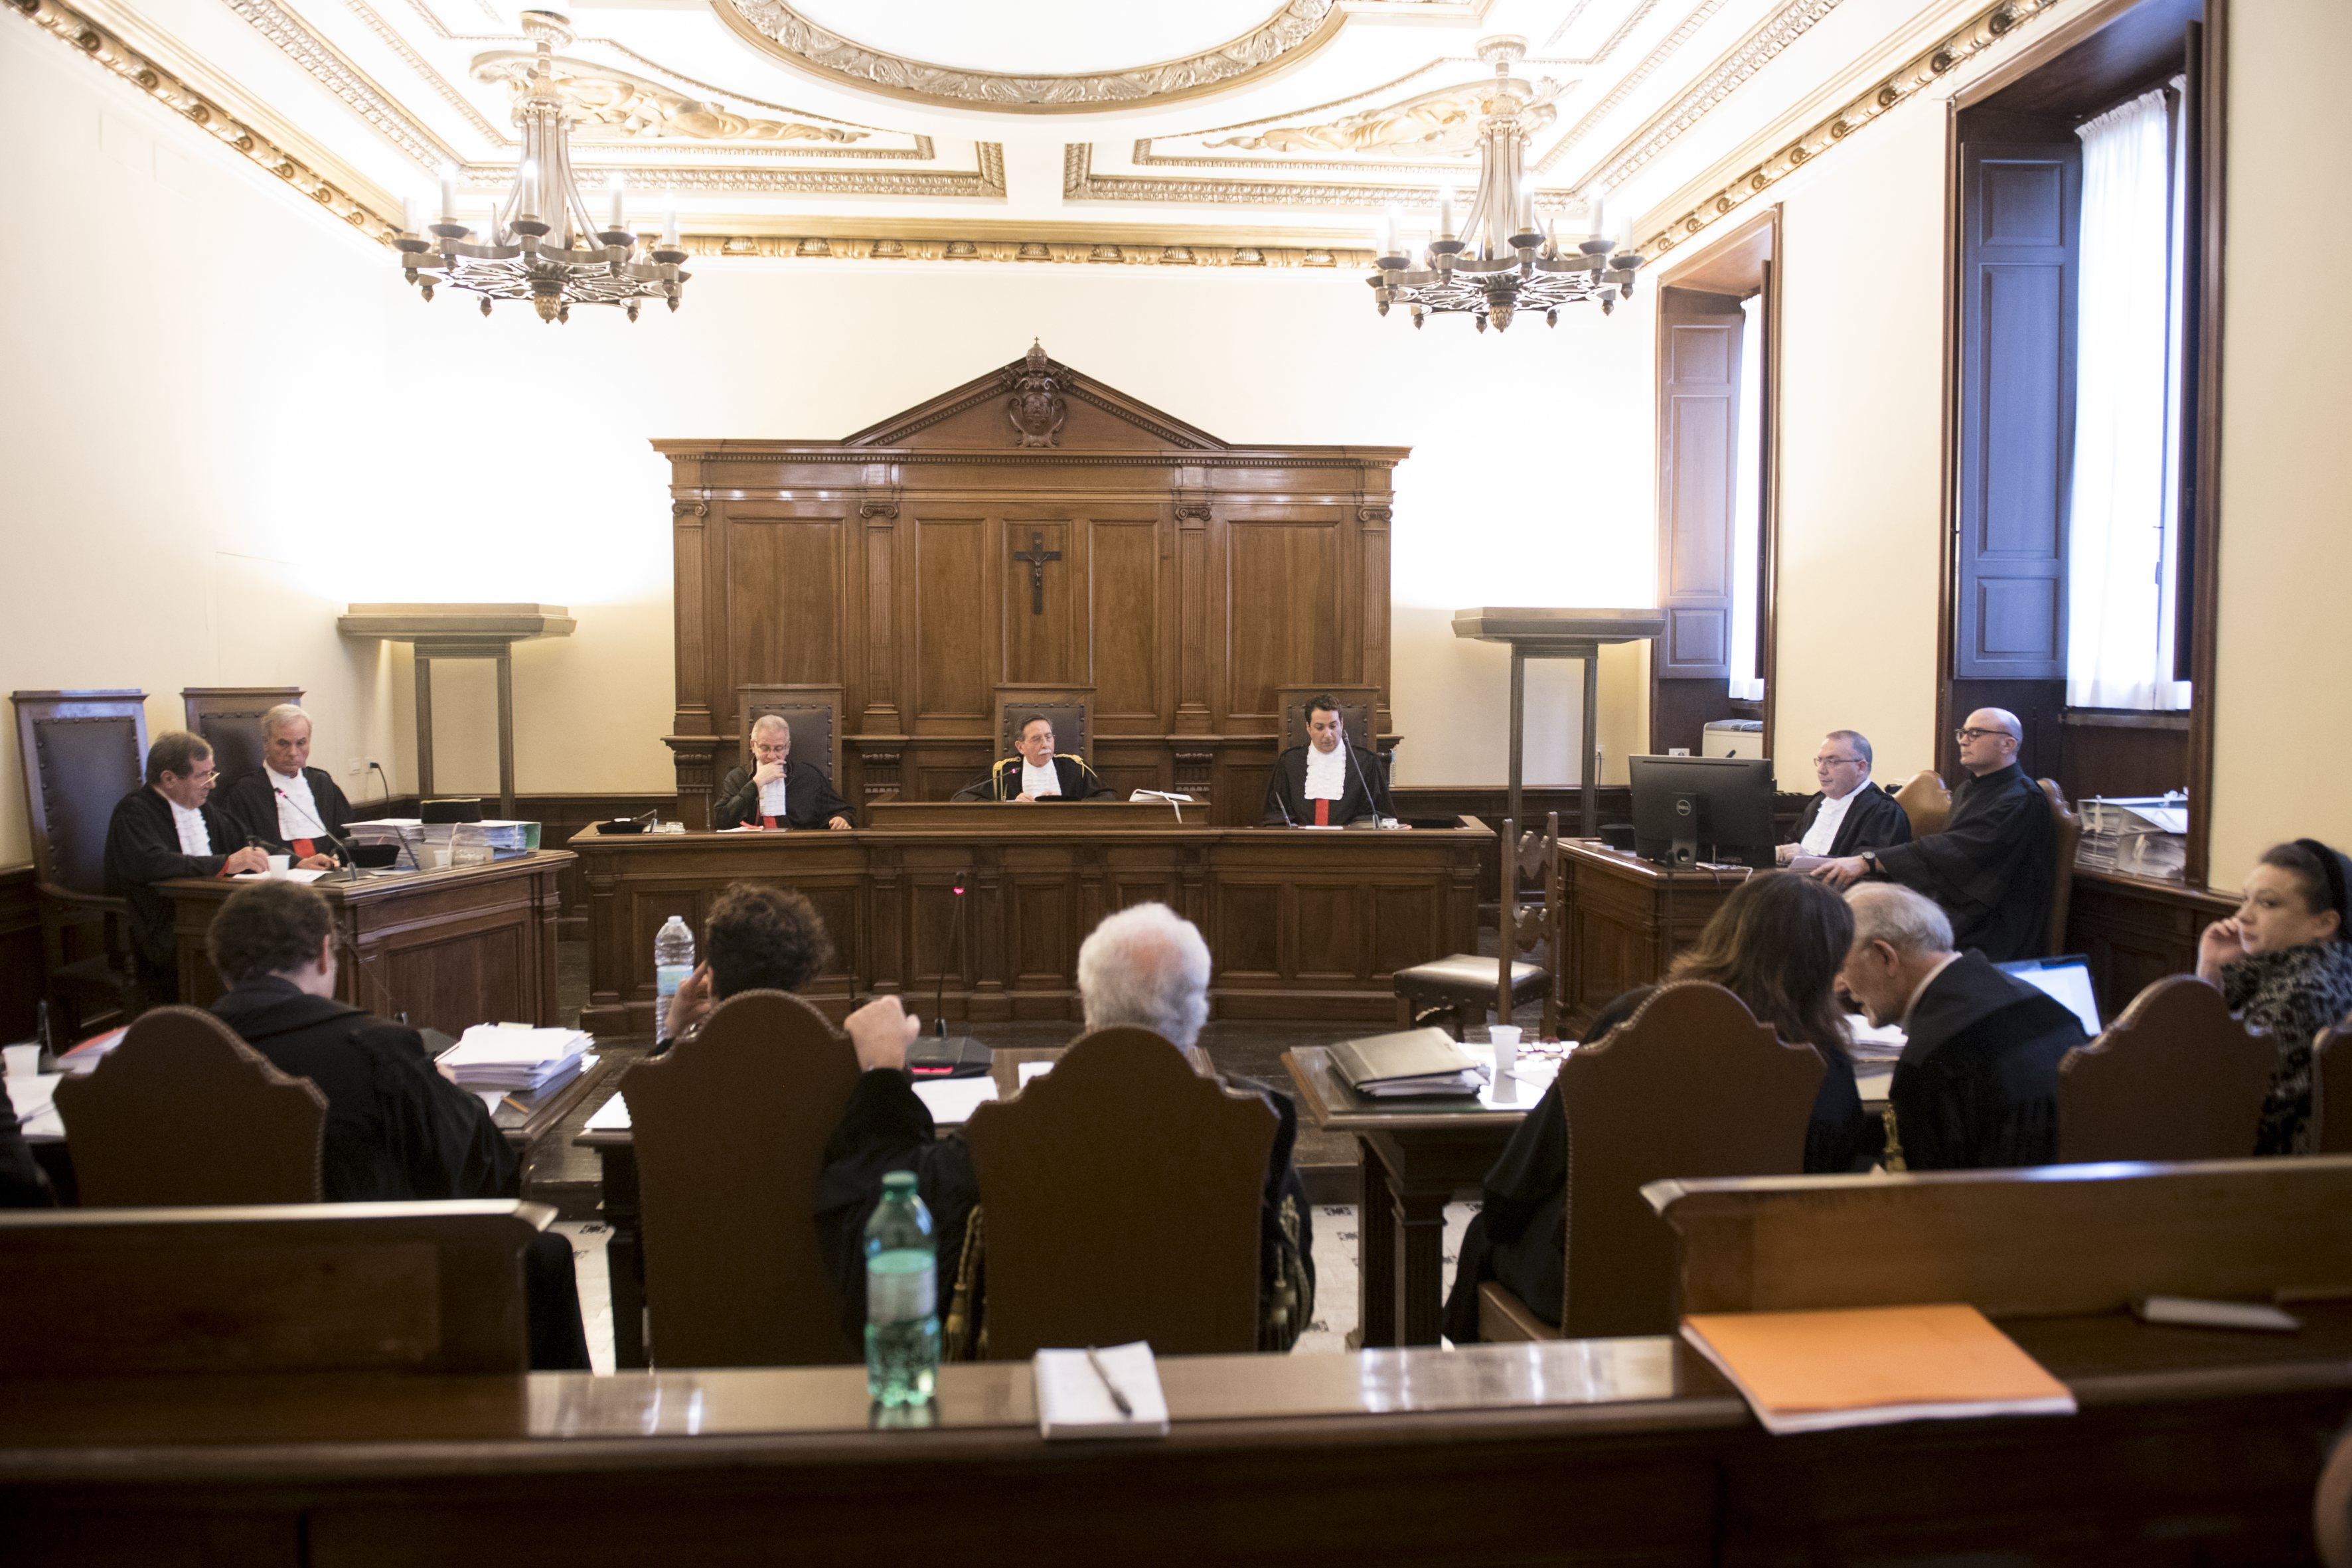 Proceso de Caloia y Liuzzo 09/05/2018 © Vatican Media